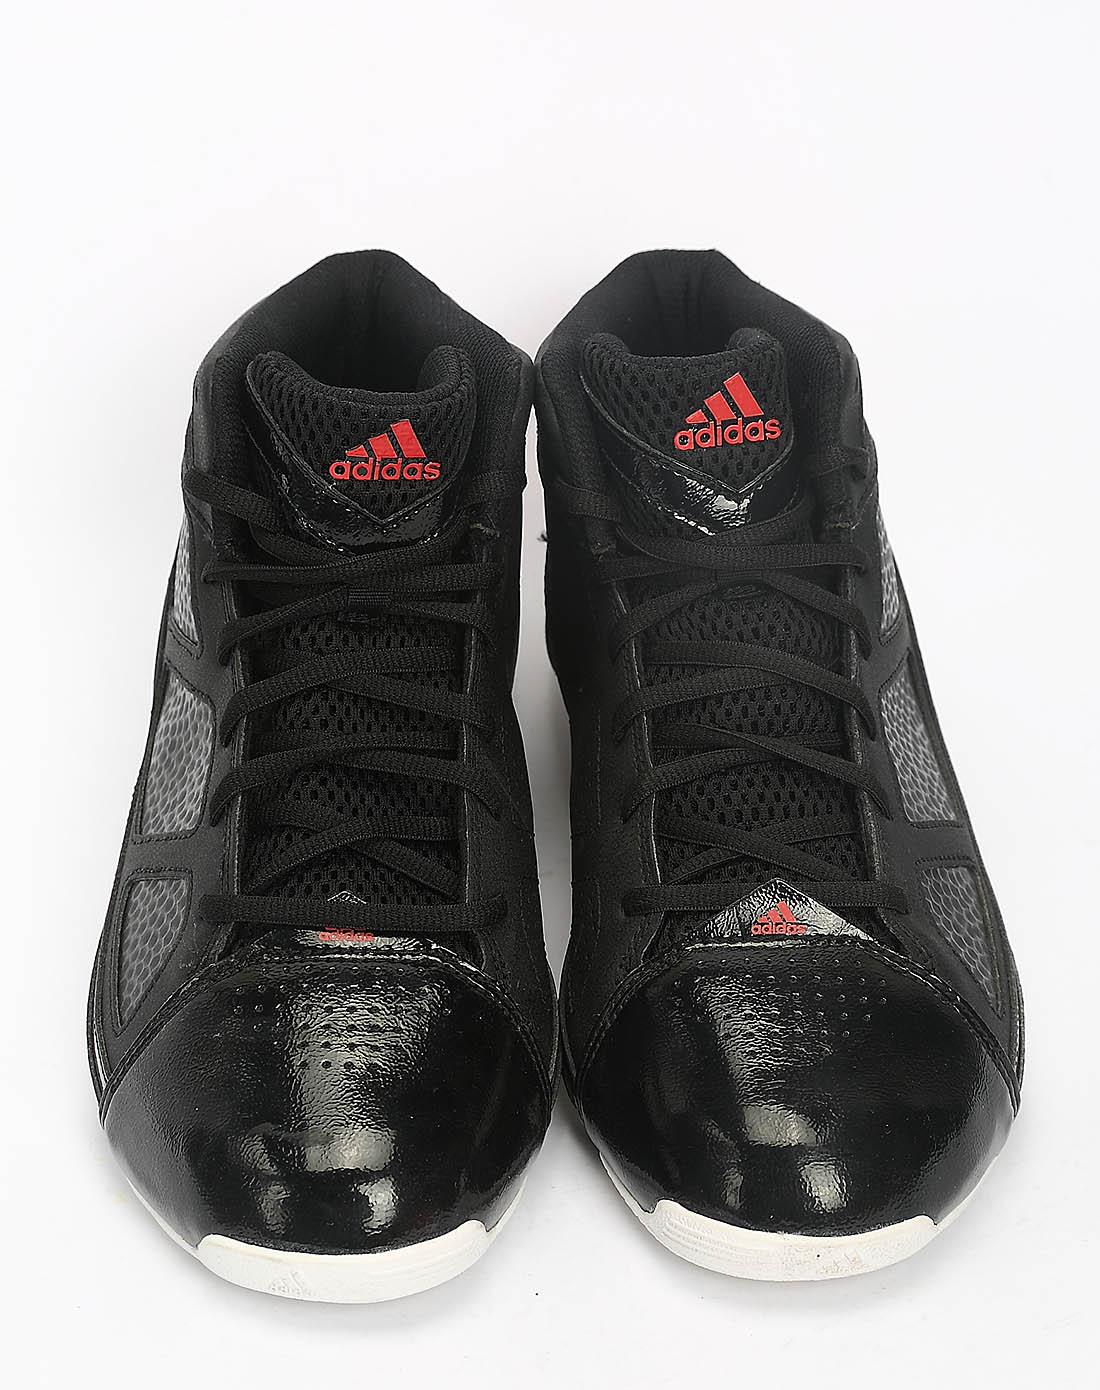 阿迪达斯adidas男女鞋男子黑色篮球鞋g20930